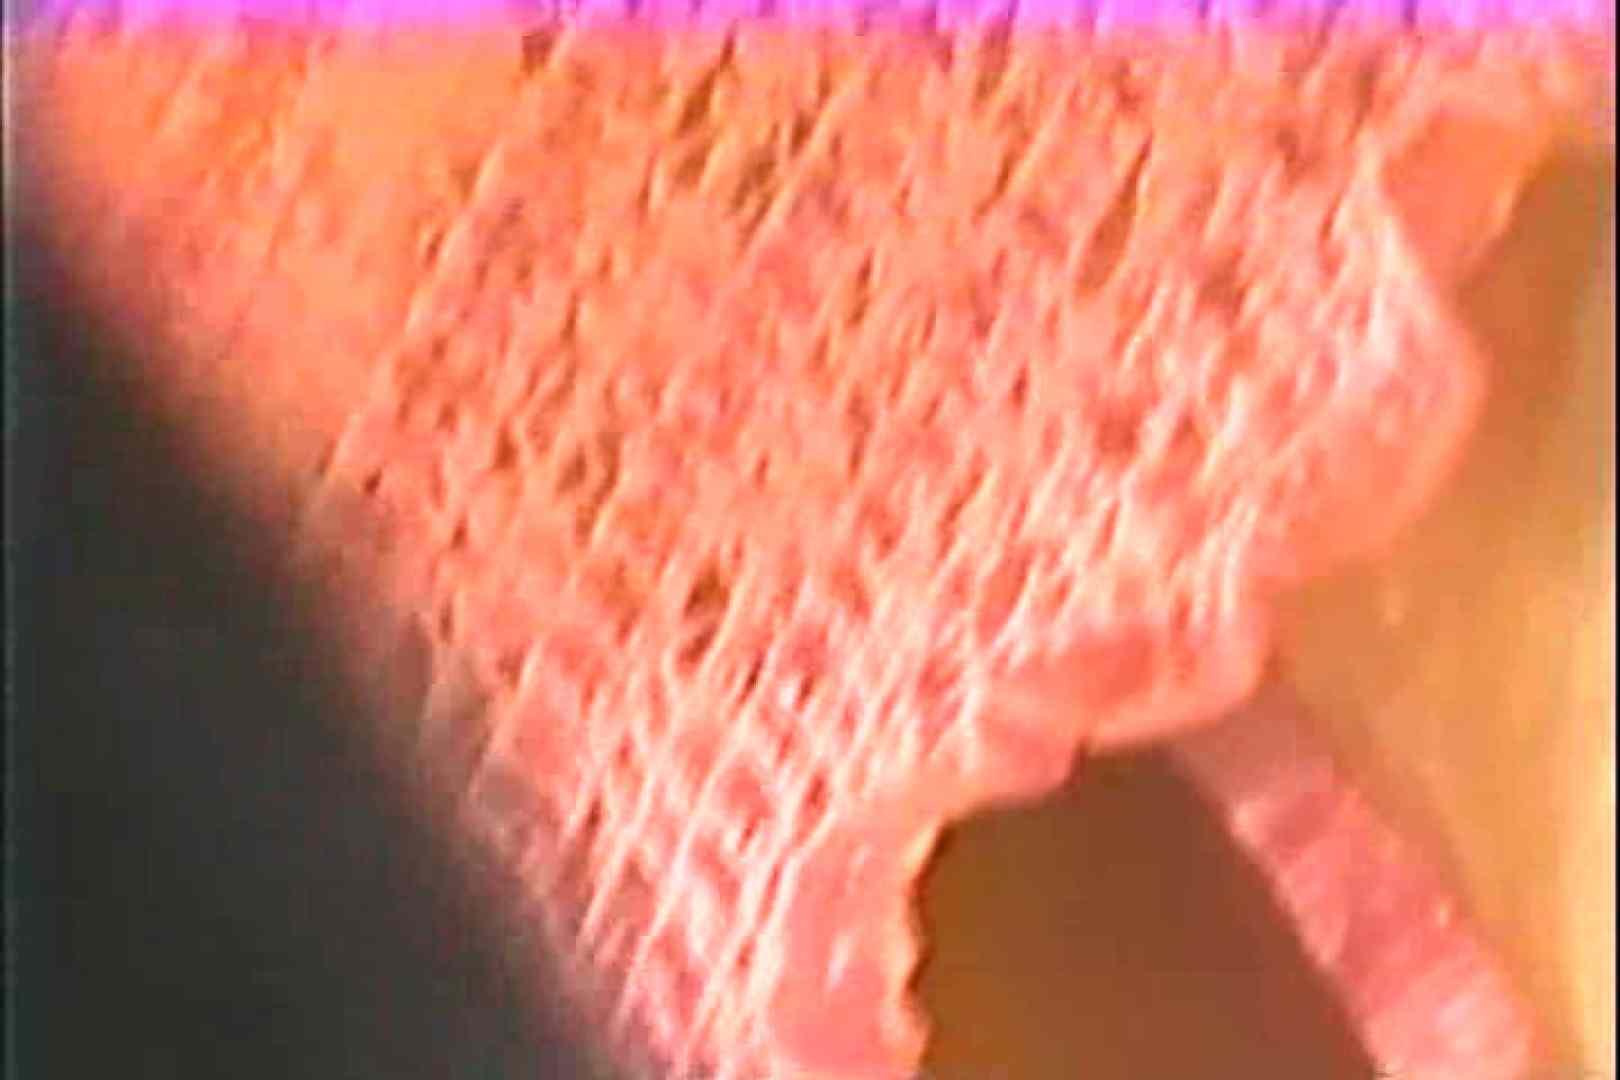 「ちくりん」さんのオリジナル未編集パンチラVol.3_01 美しいOLの裸体 アダルト動画キャプチャ 101pic 50